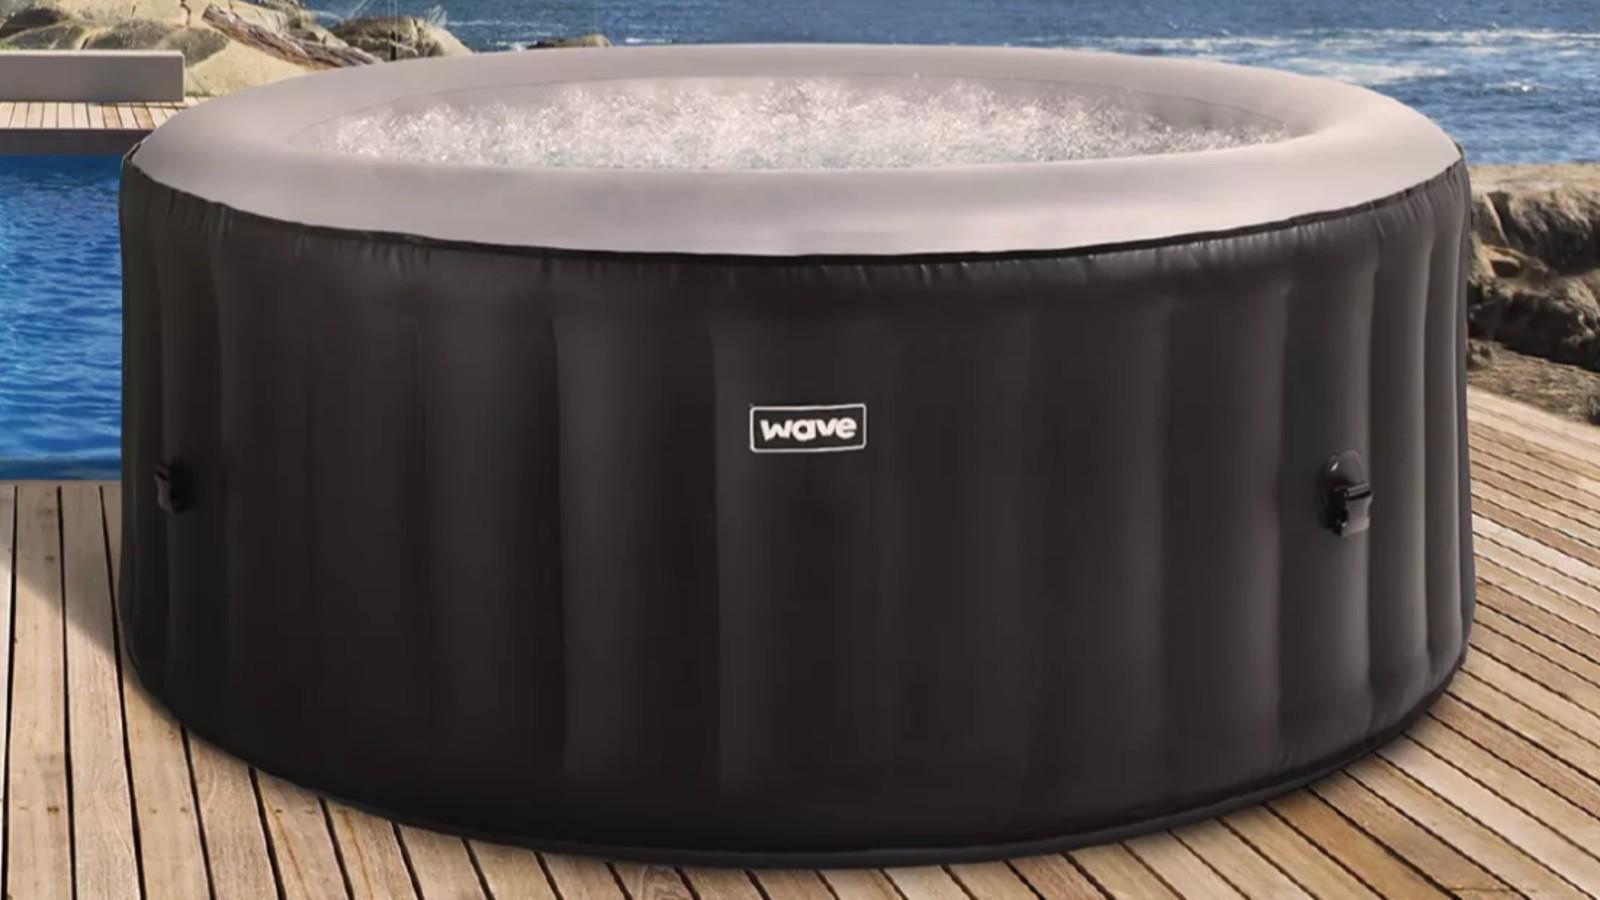 Morrisons a stocké le hot tub Atlantic Wave de wave direct hot tub 105 jets